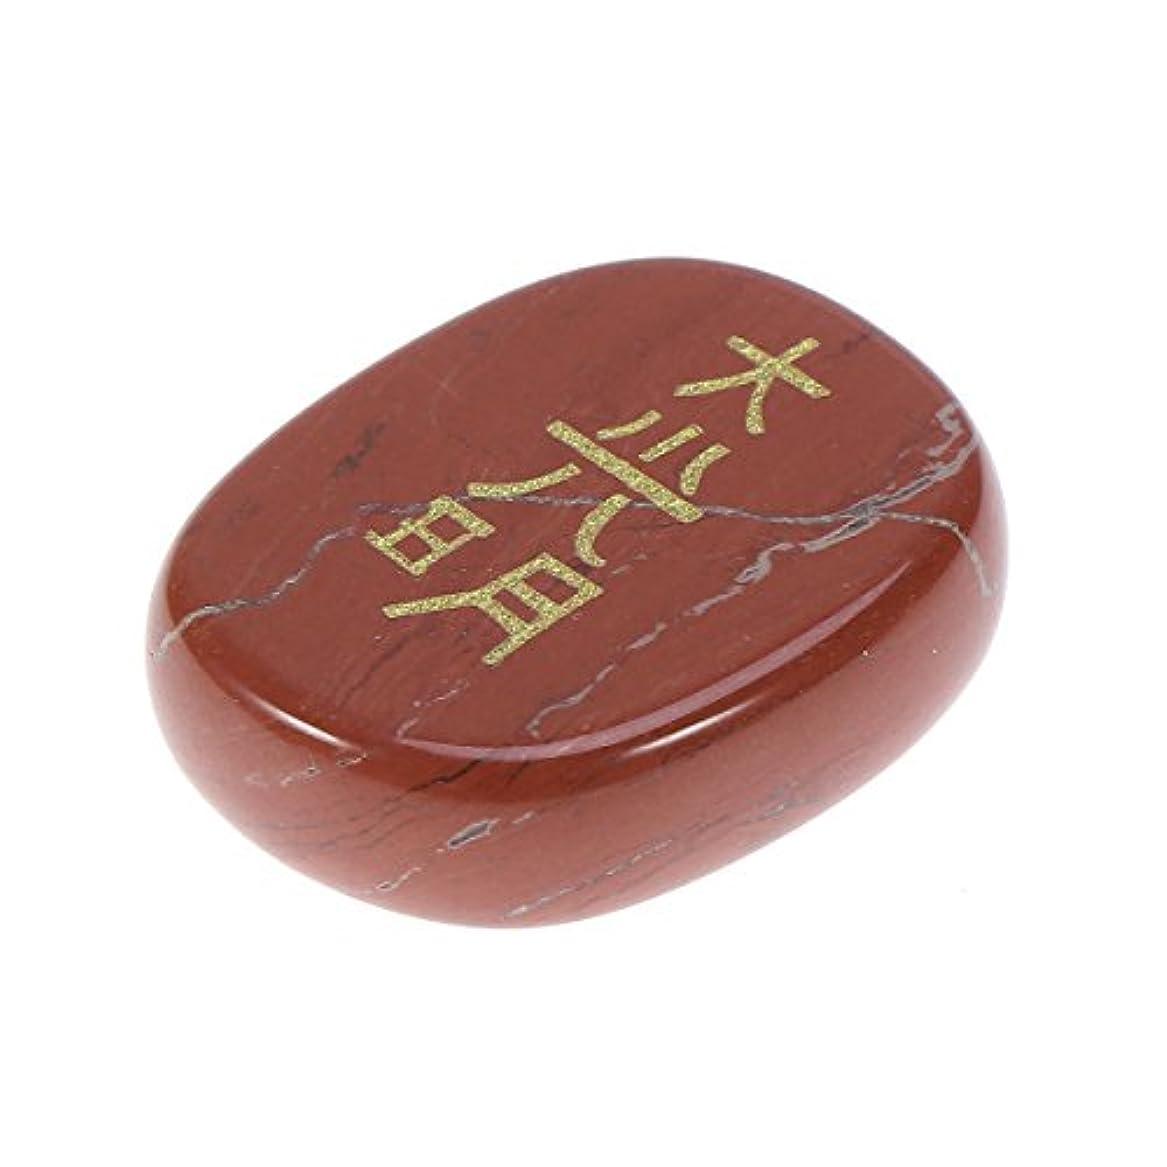 一月協会くつろぐHealifty 宗教 石 彫刻 天然 クリスタルストーン エンジェル記号 彫刻 瞑想 (ダークレッド)